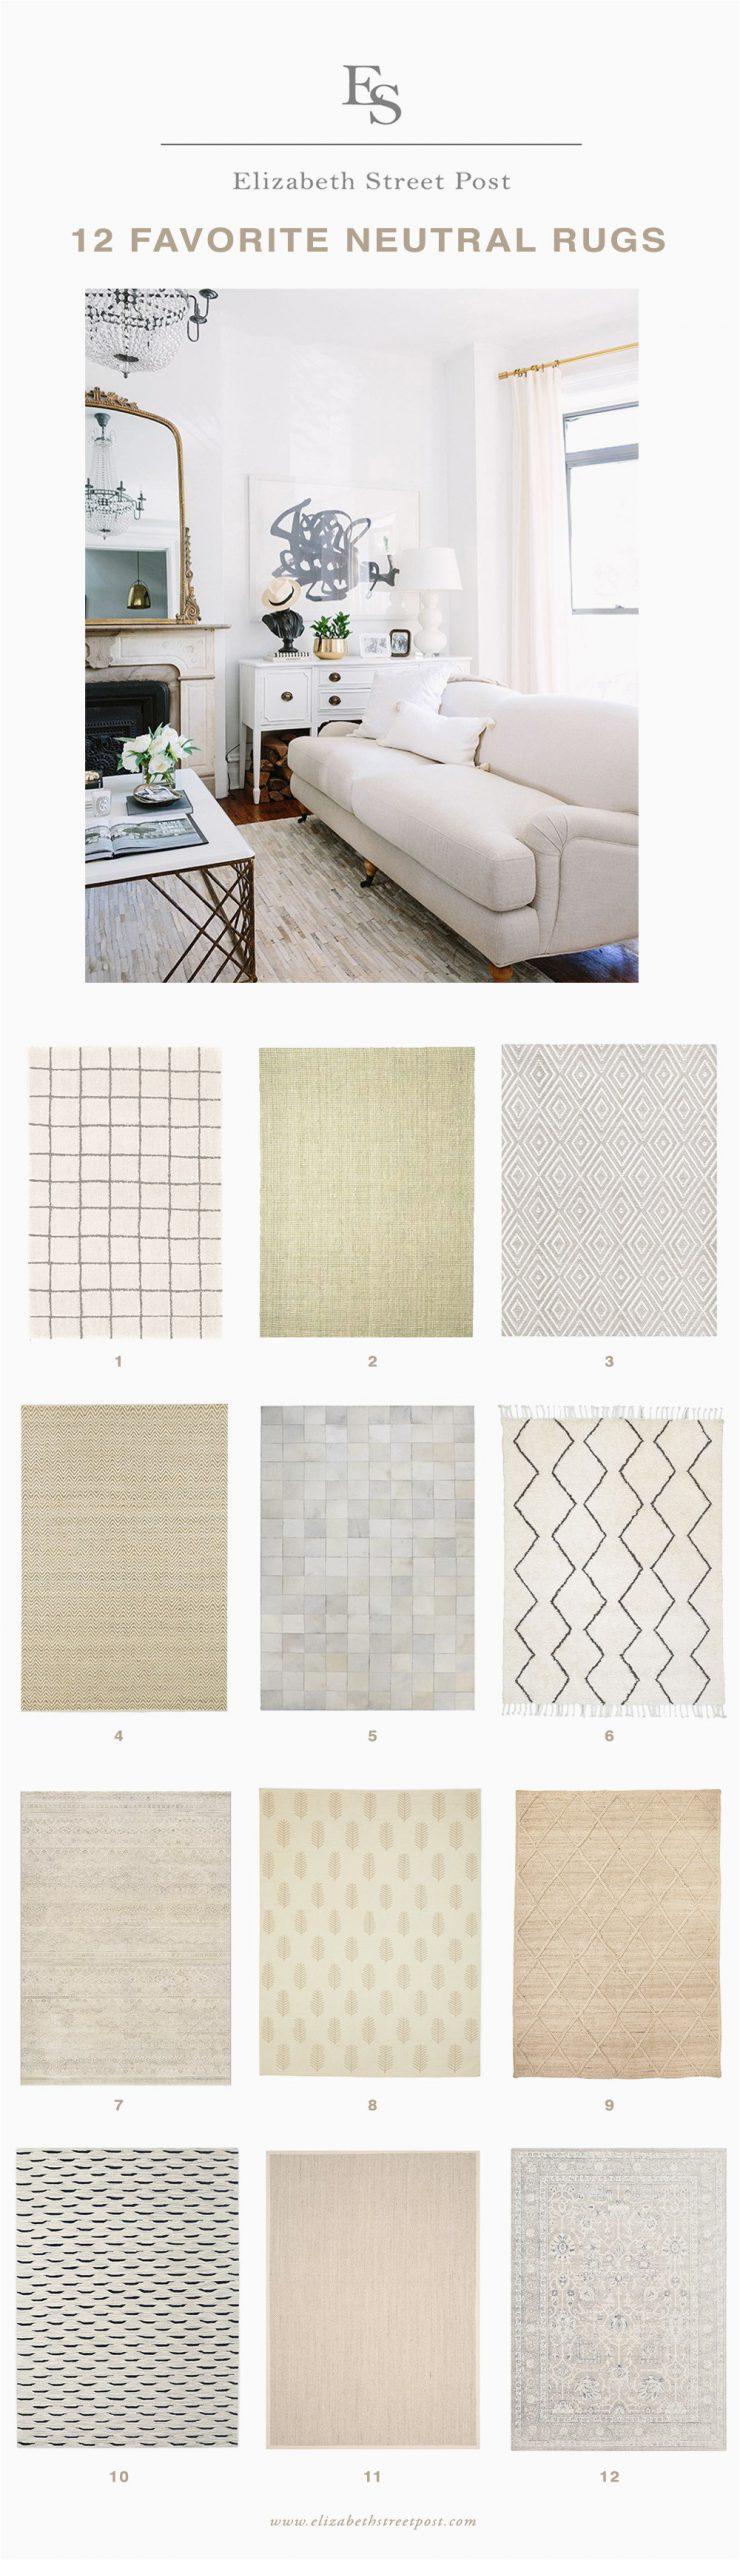 my 12 favorite neutral rugs